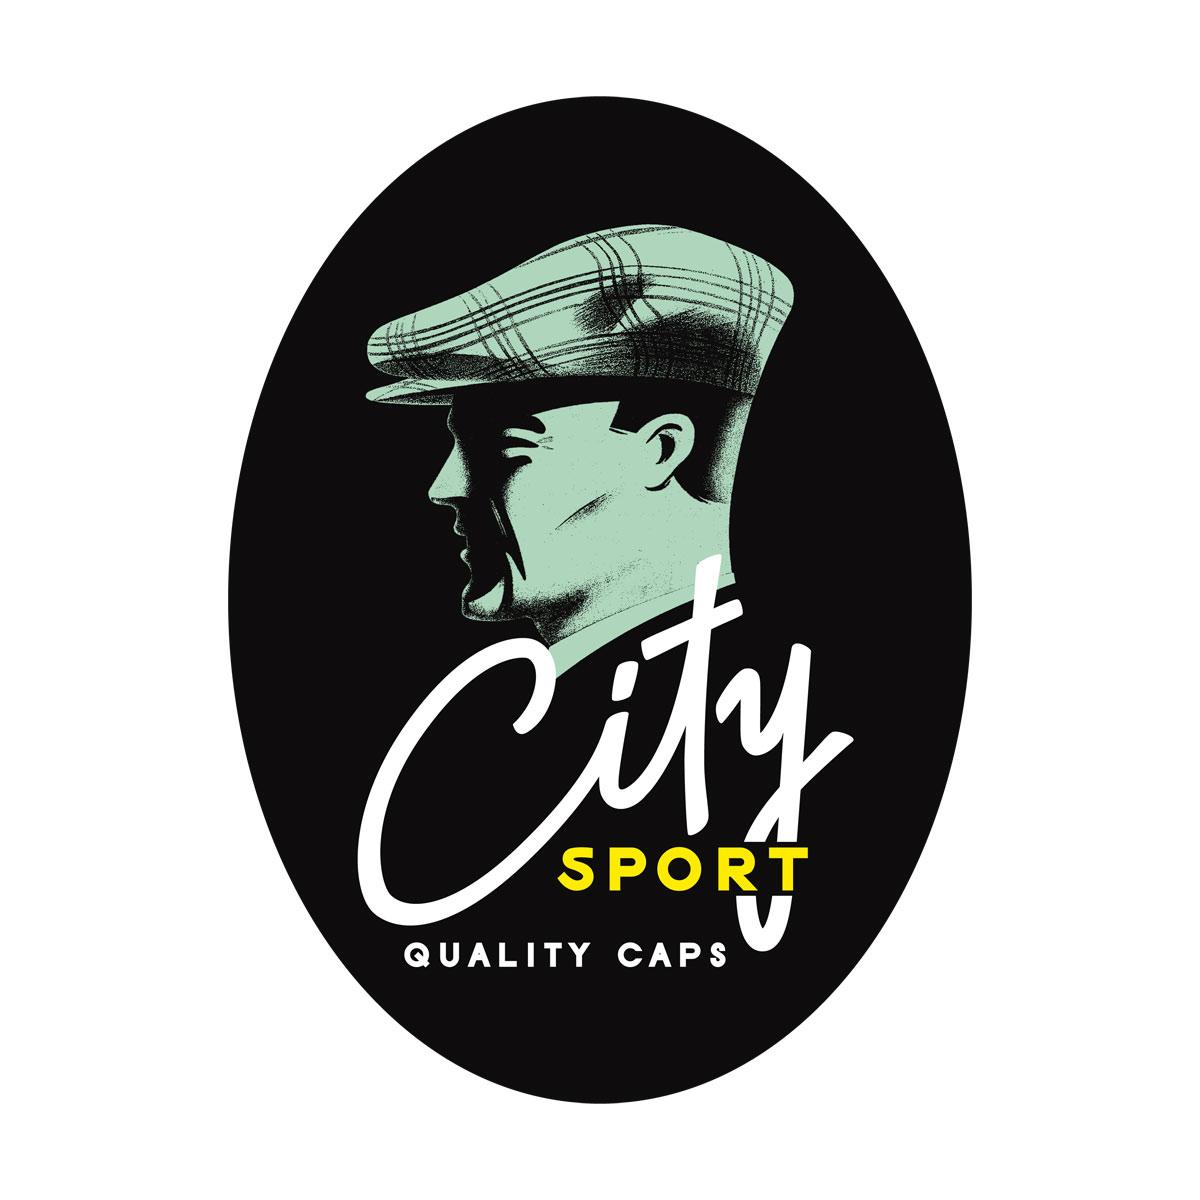 Bildergebnis für city sport logo